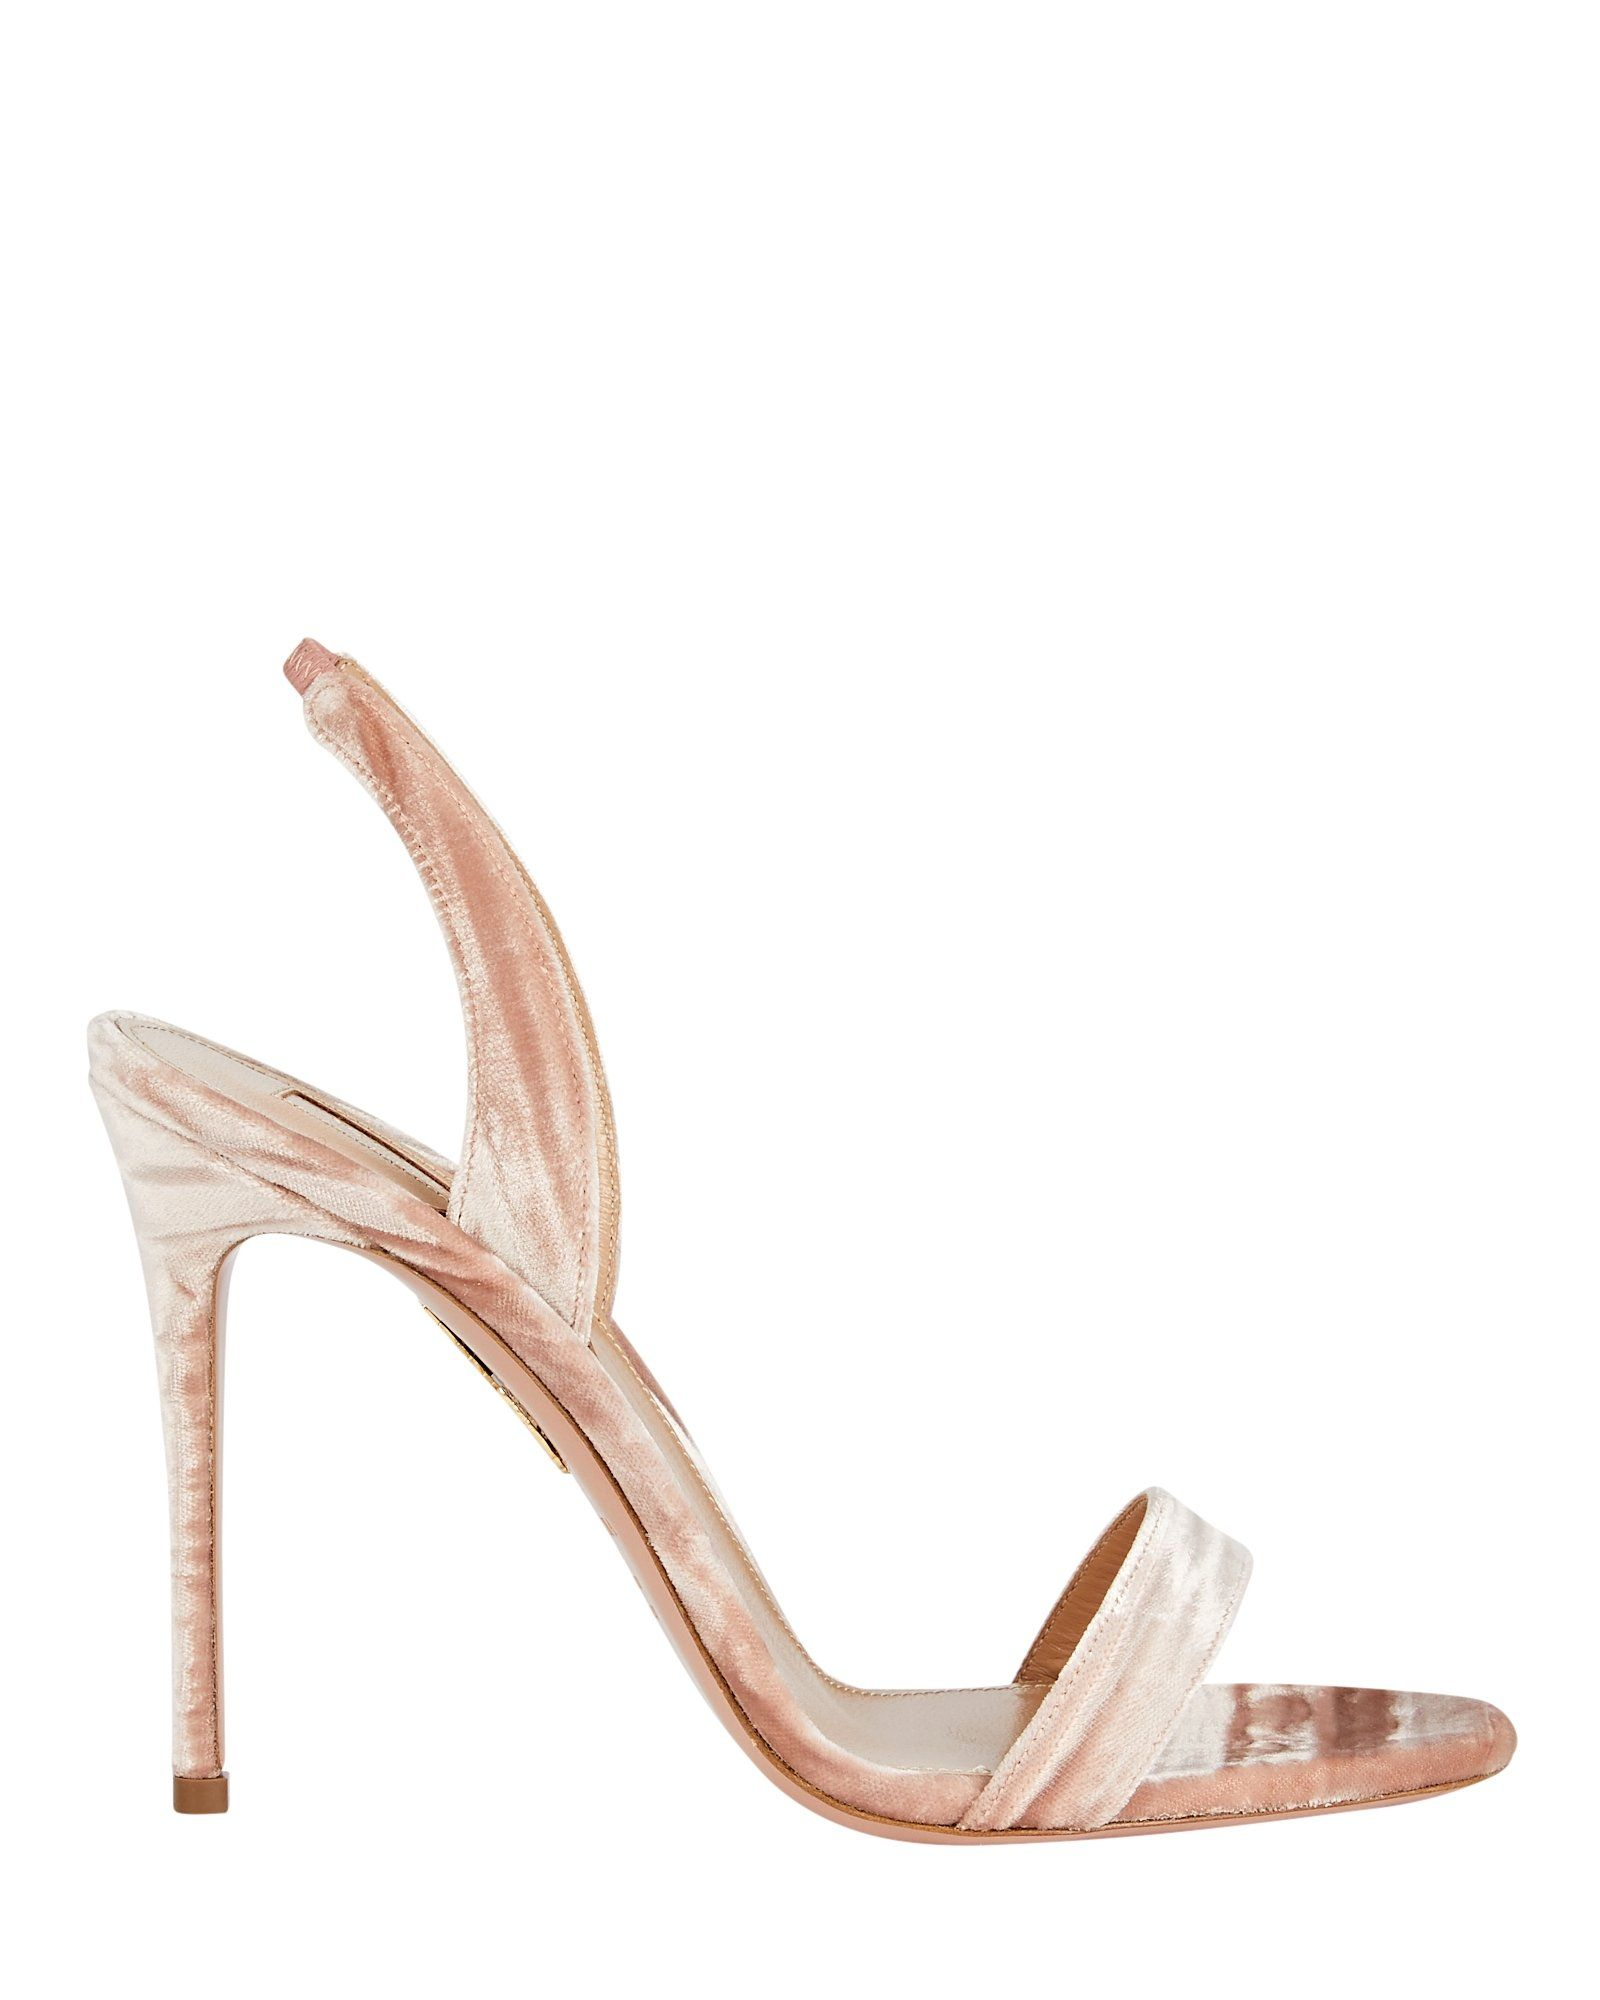 So Nude 105 Velvet Sandals